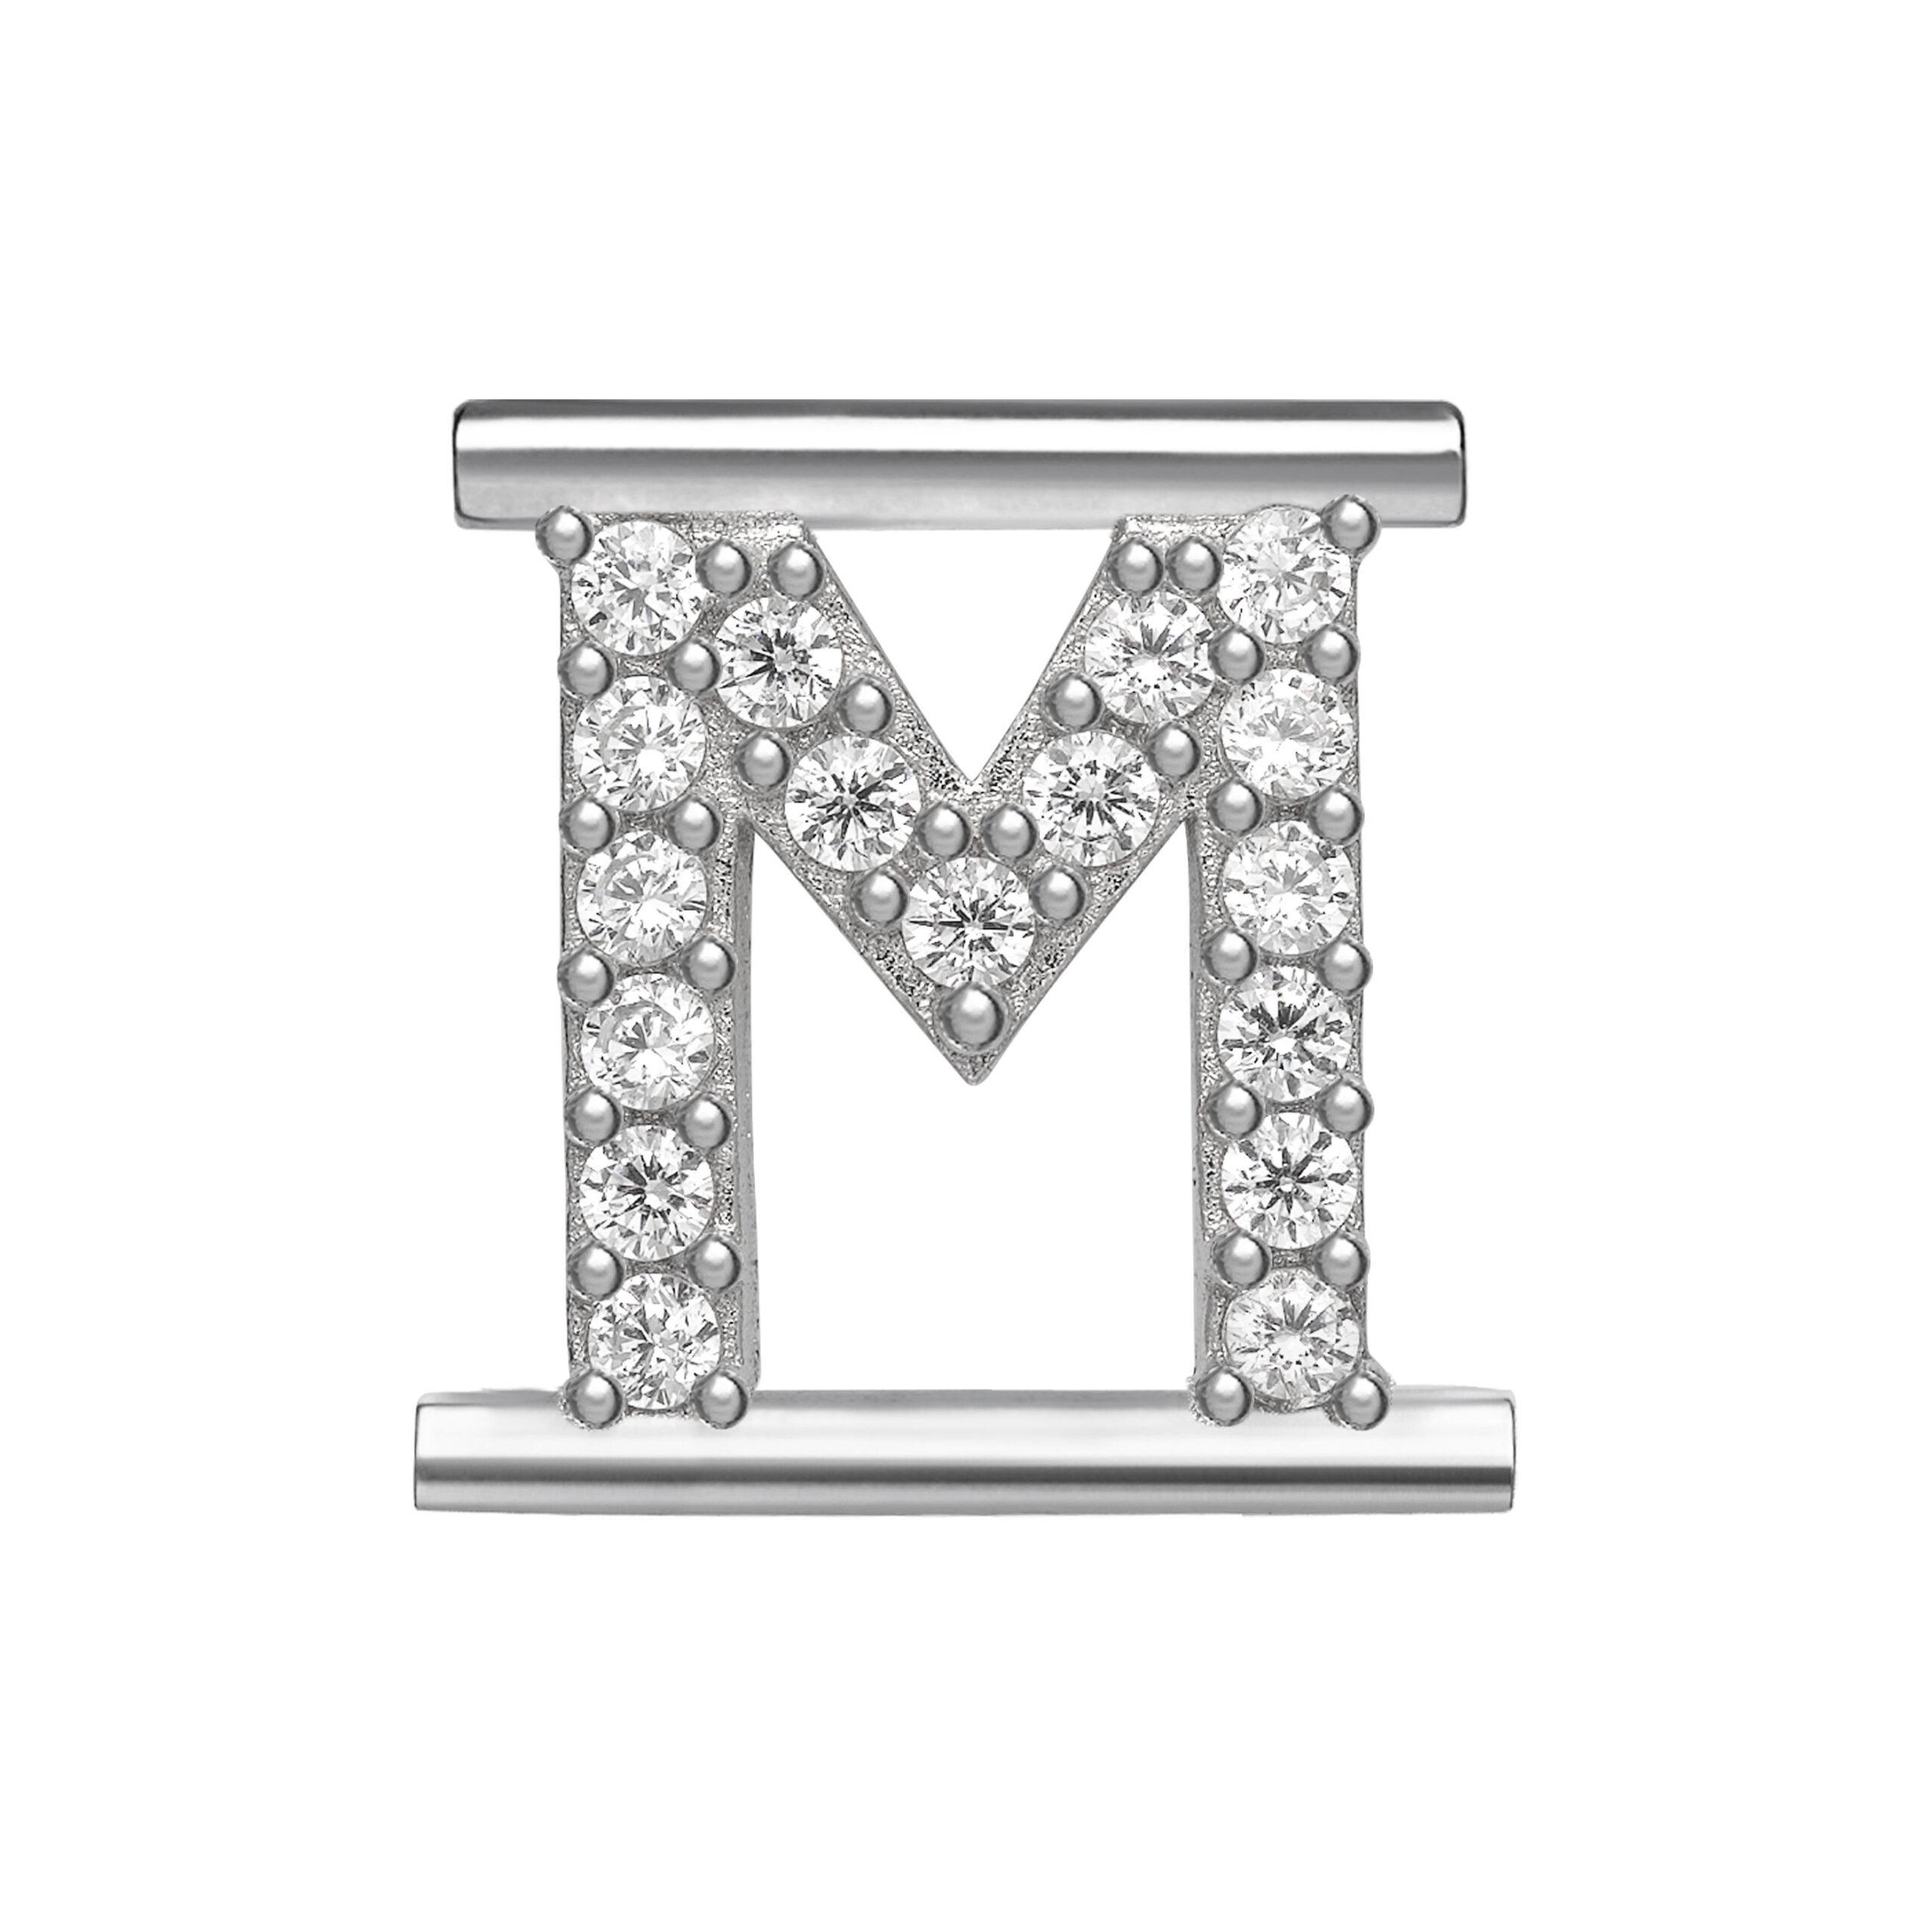 ELEONORA GIORDANI Argento Elementi M